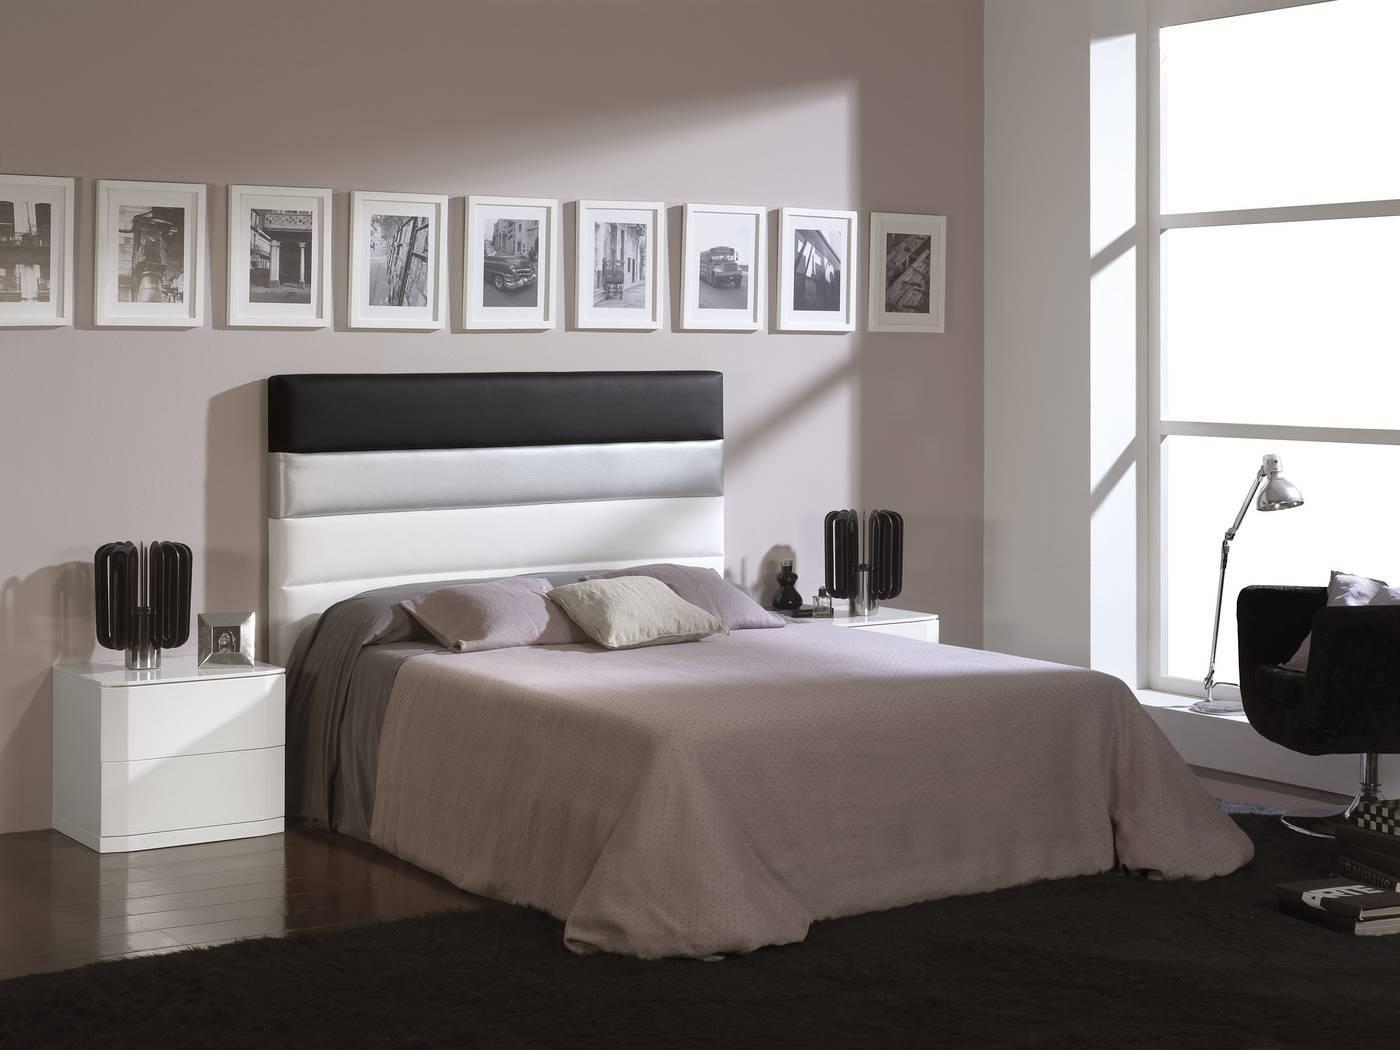 Cabeceros de cama tapizados lamparas sevilla for Cabeceros tapizados fotos